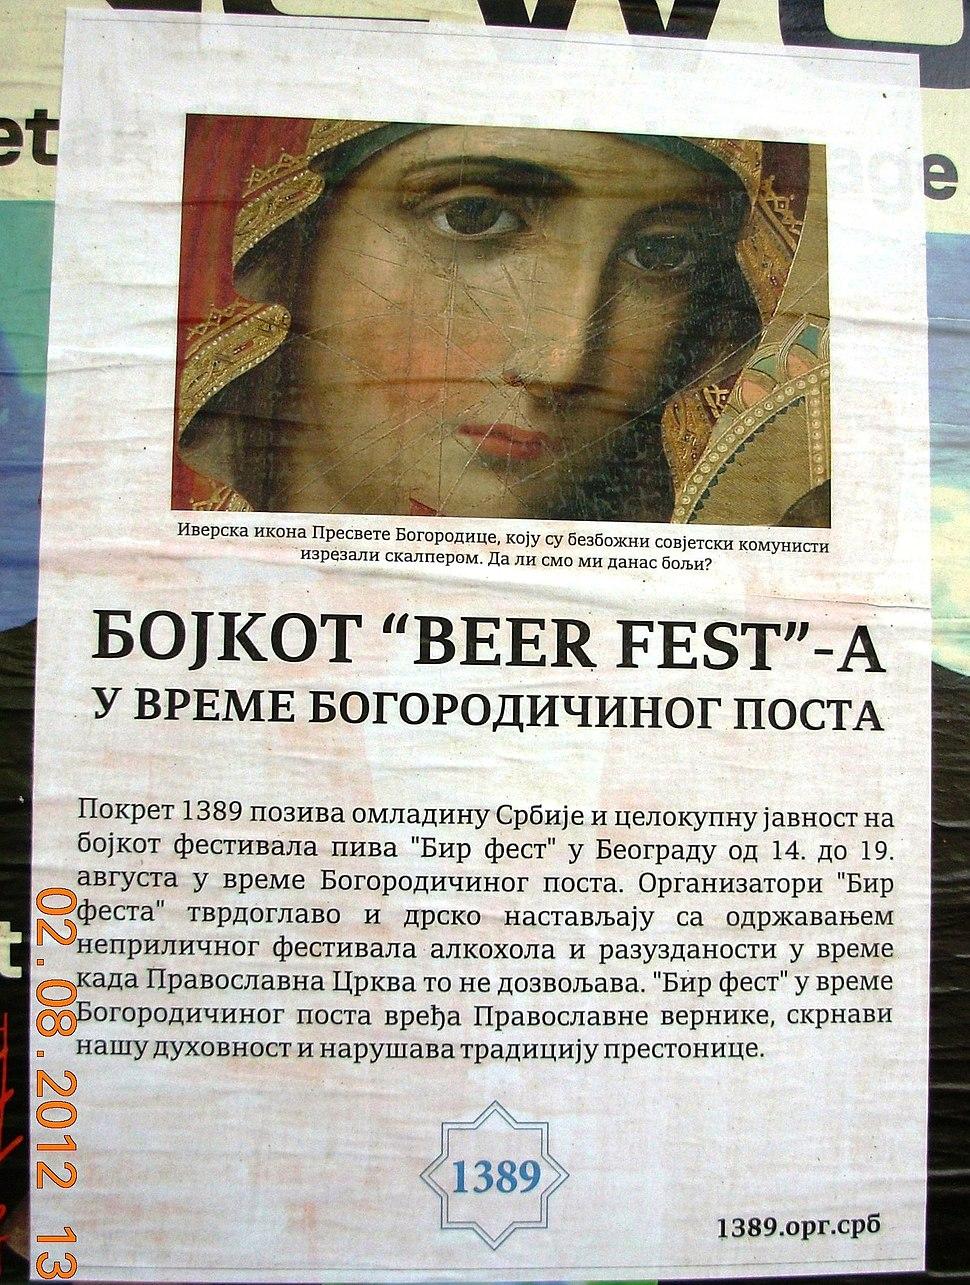 Bir fest bojkot